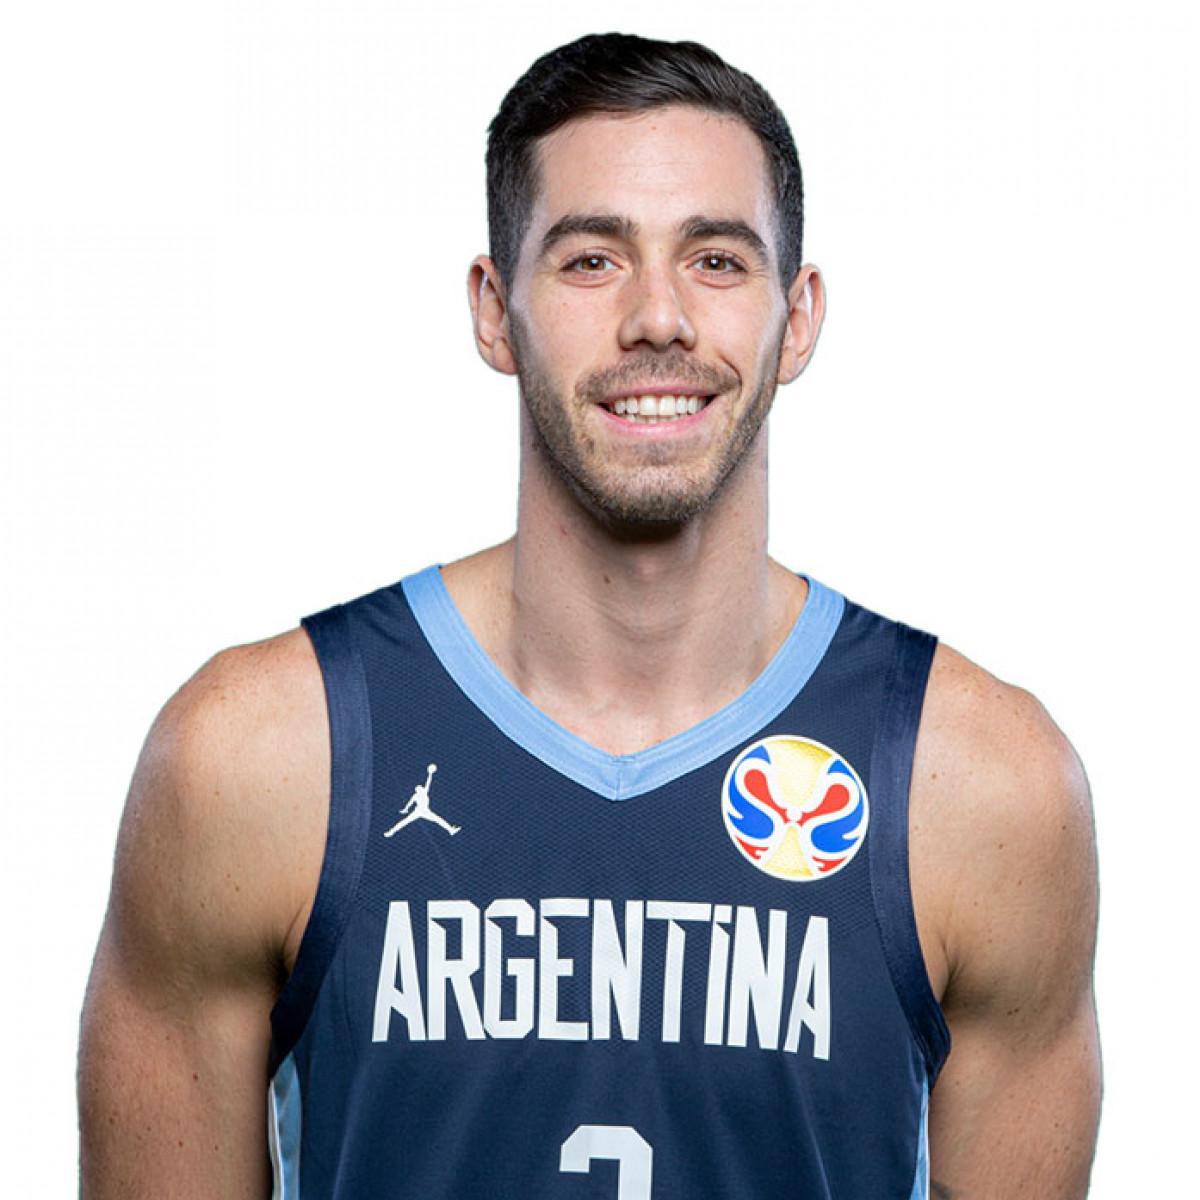 Photo of Luca Vildoza, 2019-2020 season